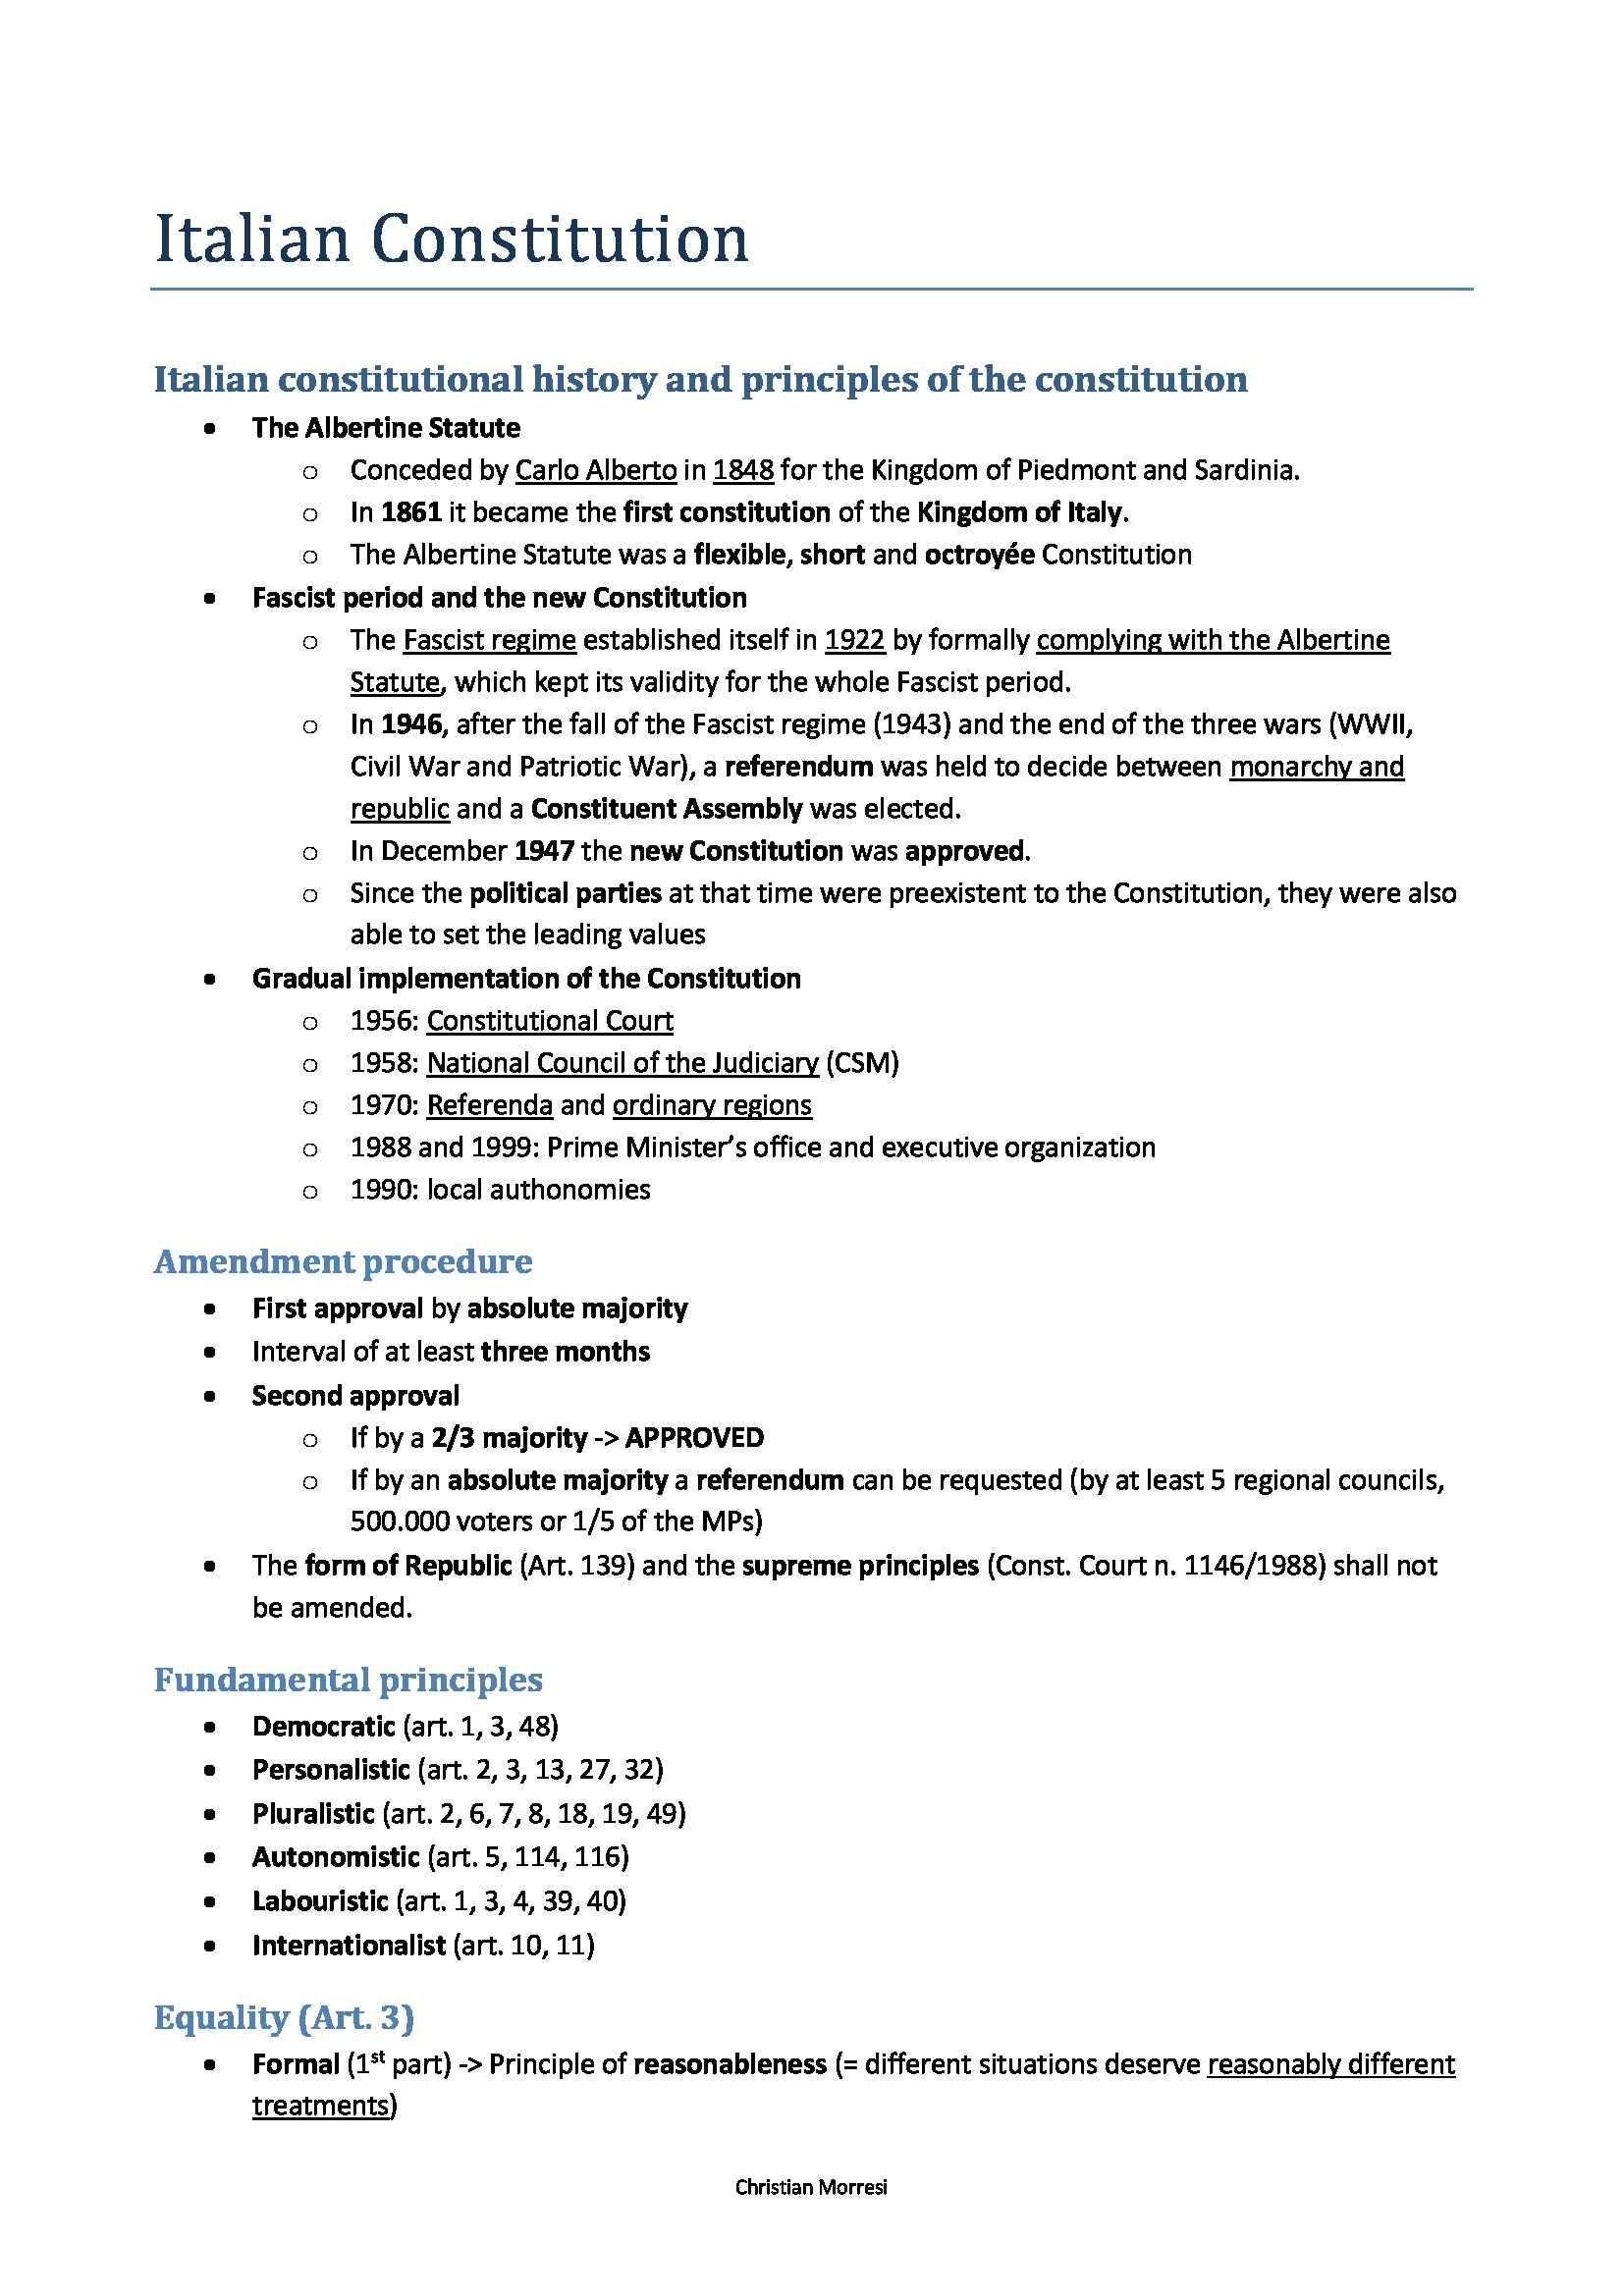 Public Law - Italian Constitution